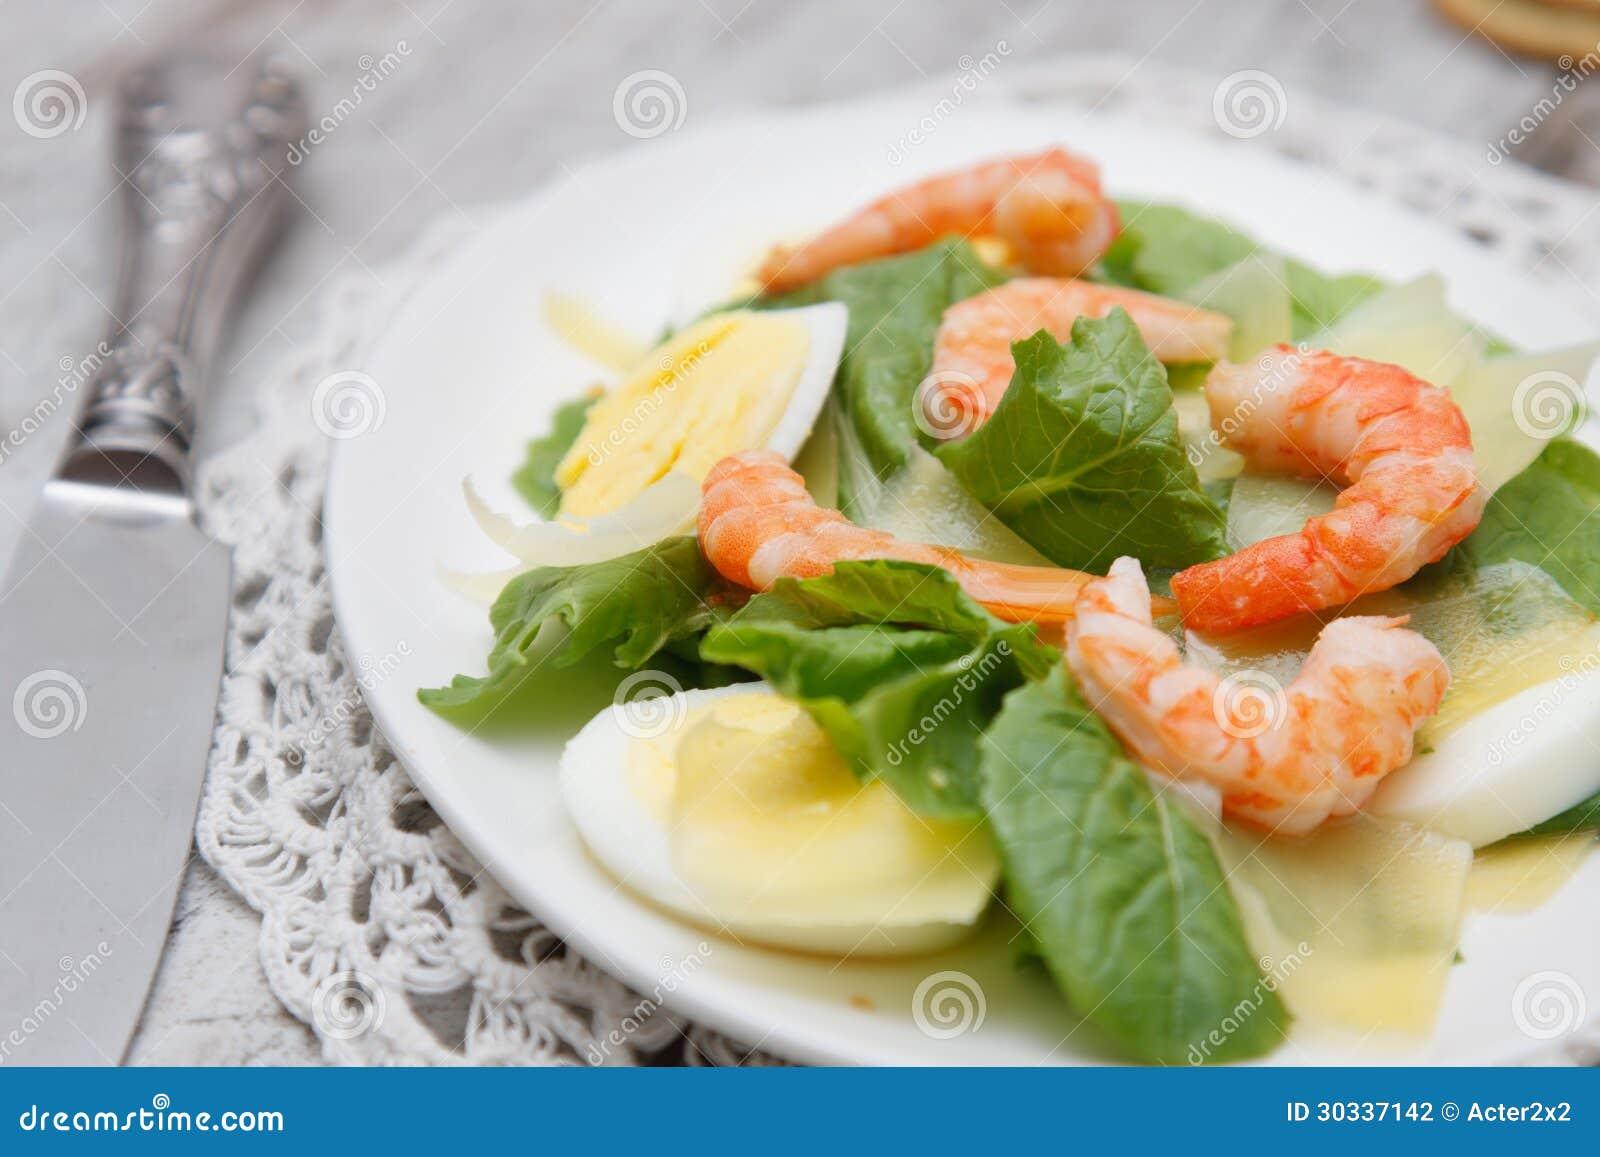 菠菜沙拉用鸡蛋和虾